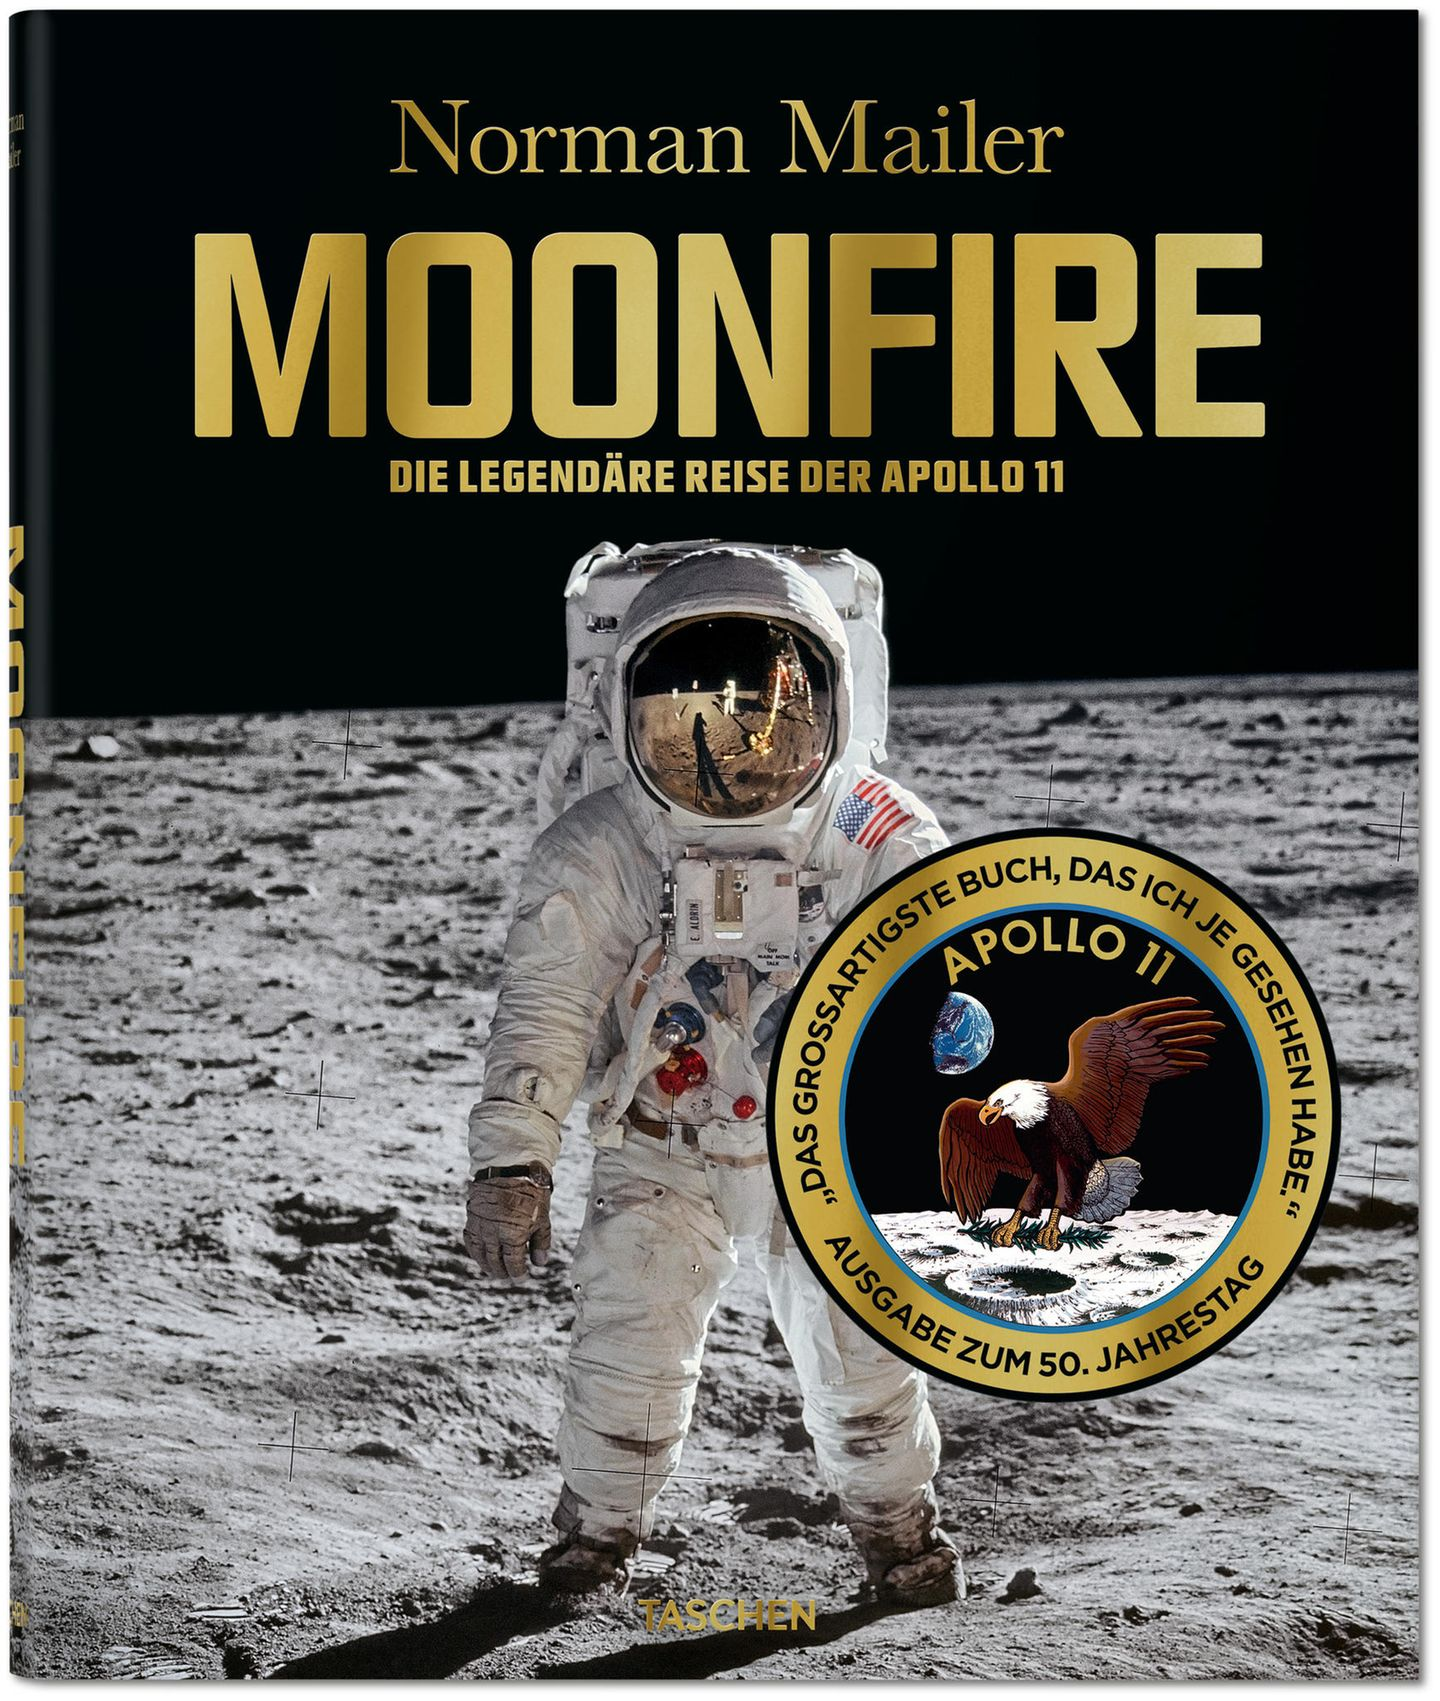 """Aus: """"Moonfire -die legendäre Reise der Apollo 11"""" von Norman Mailer. Erschienen bei Taschen, 348 Seiten, Preis 40 Euro."""